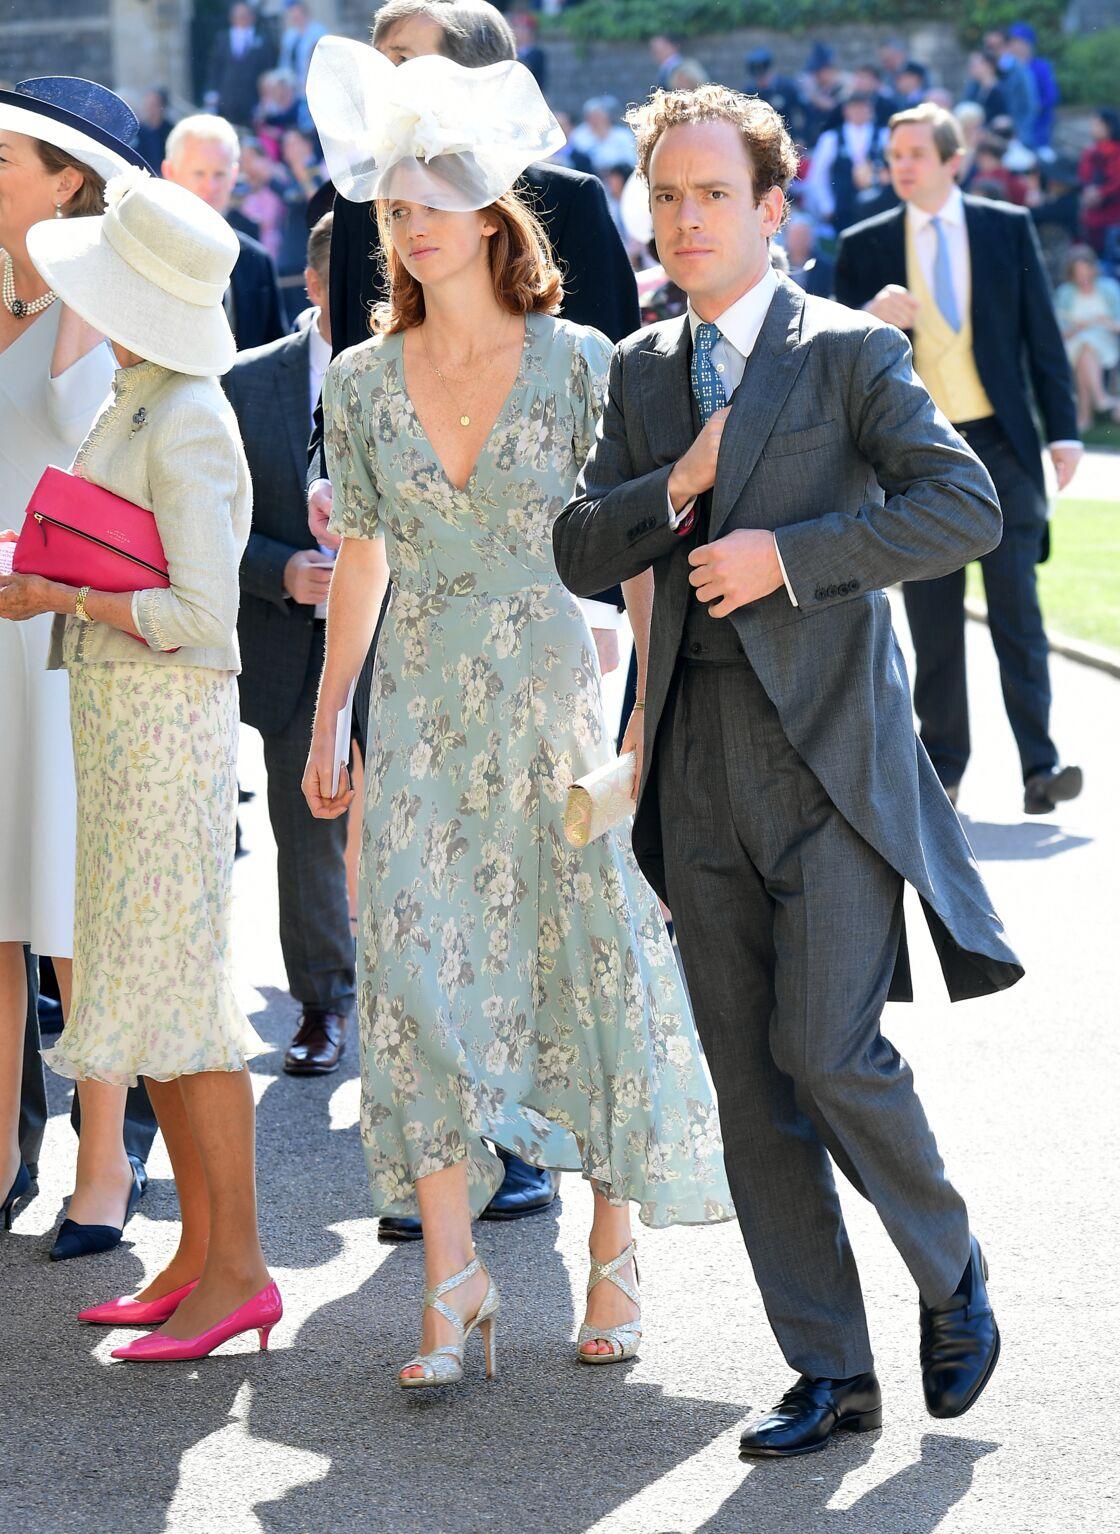 Tom Inskip et sa femme Lara arrivant à la chapelle Saint-George du château de Windsor pour le mariage du prince Harry et de Meghan Markle, le 19 mai 2018